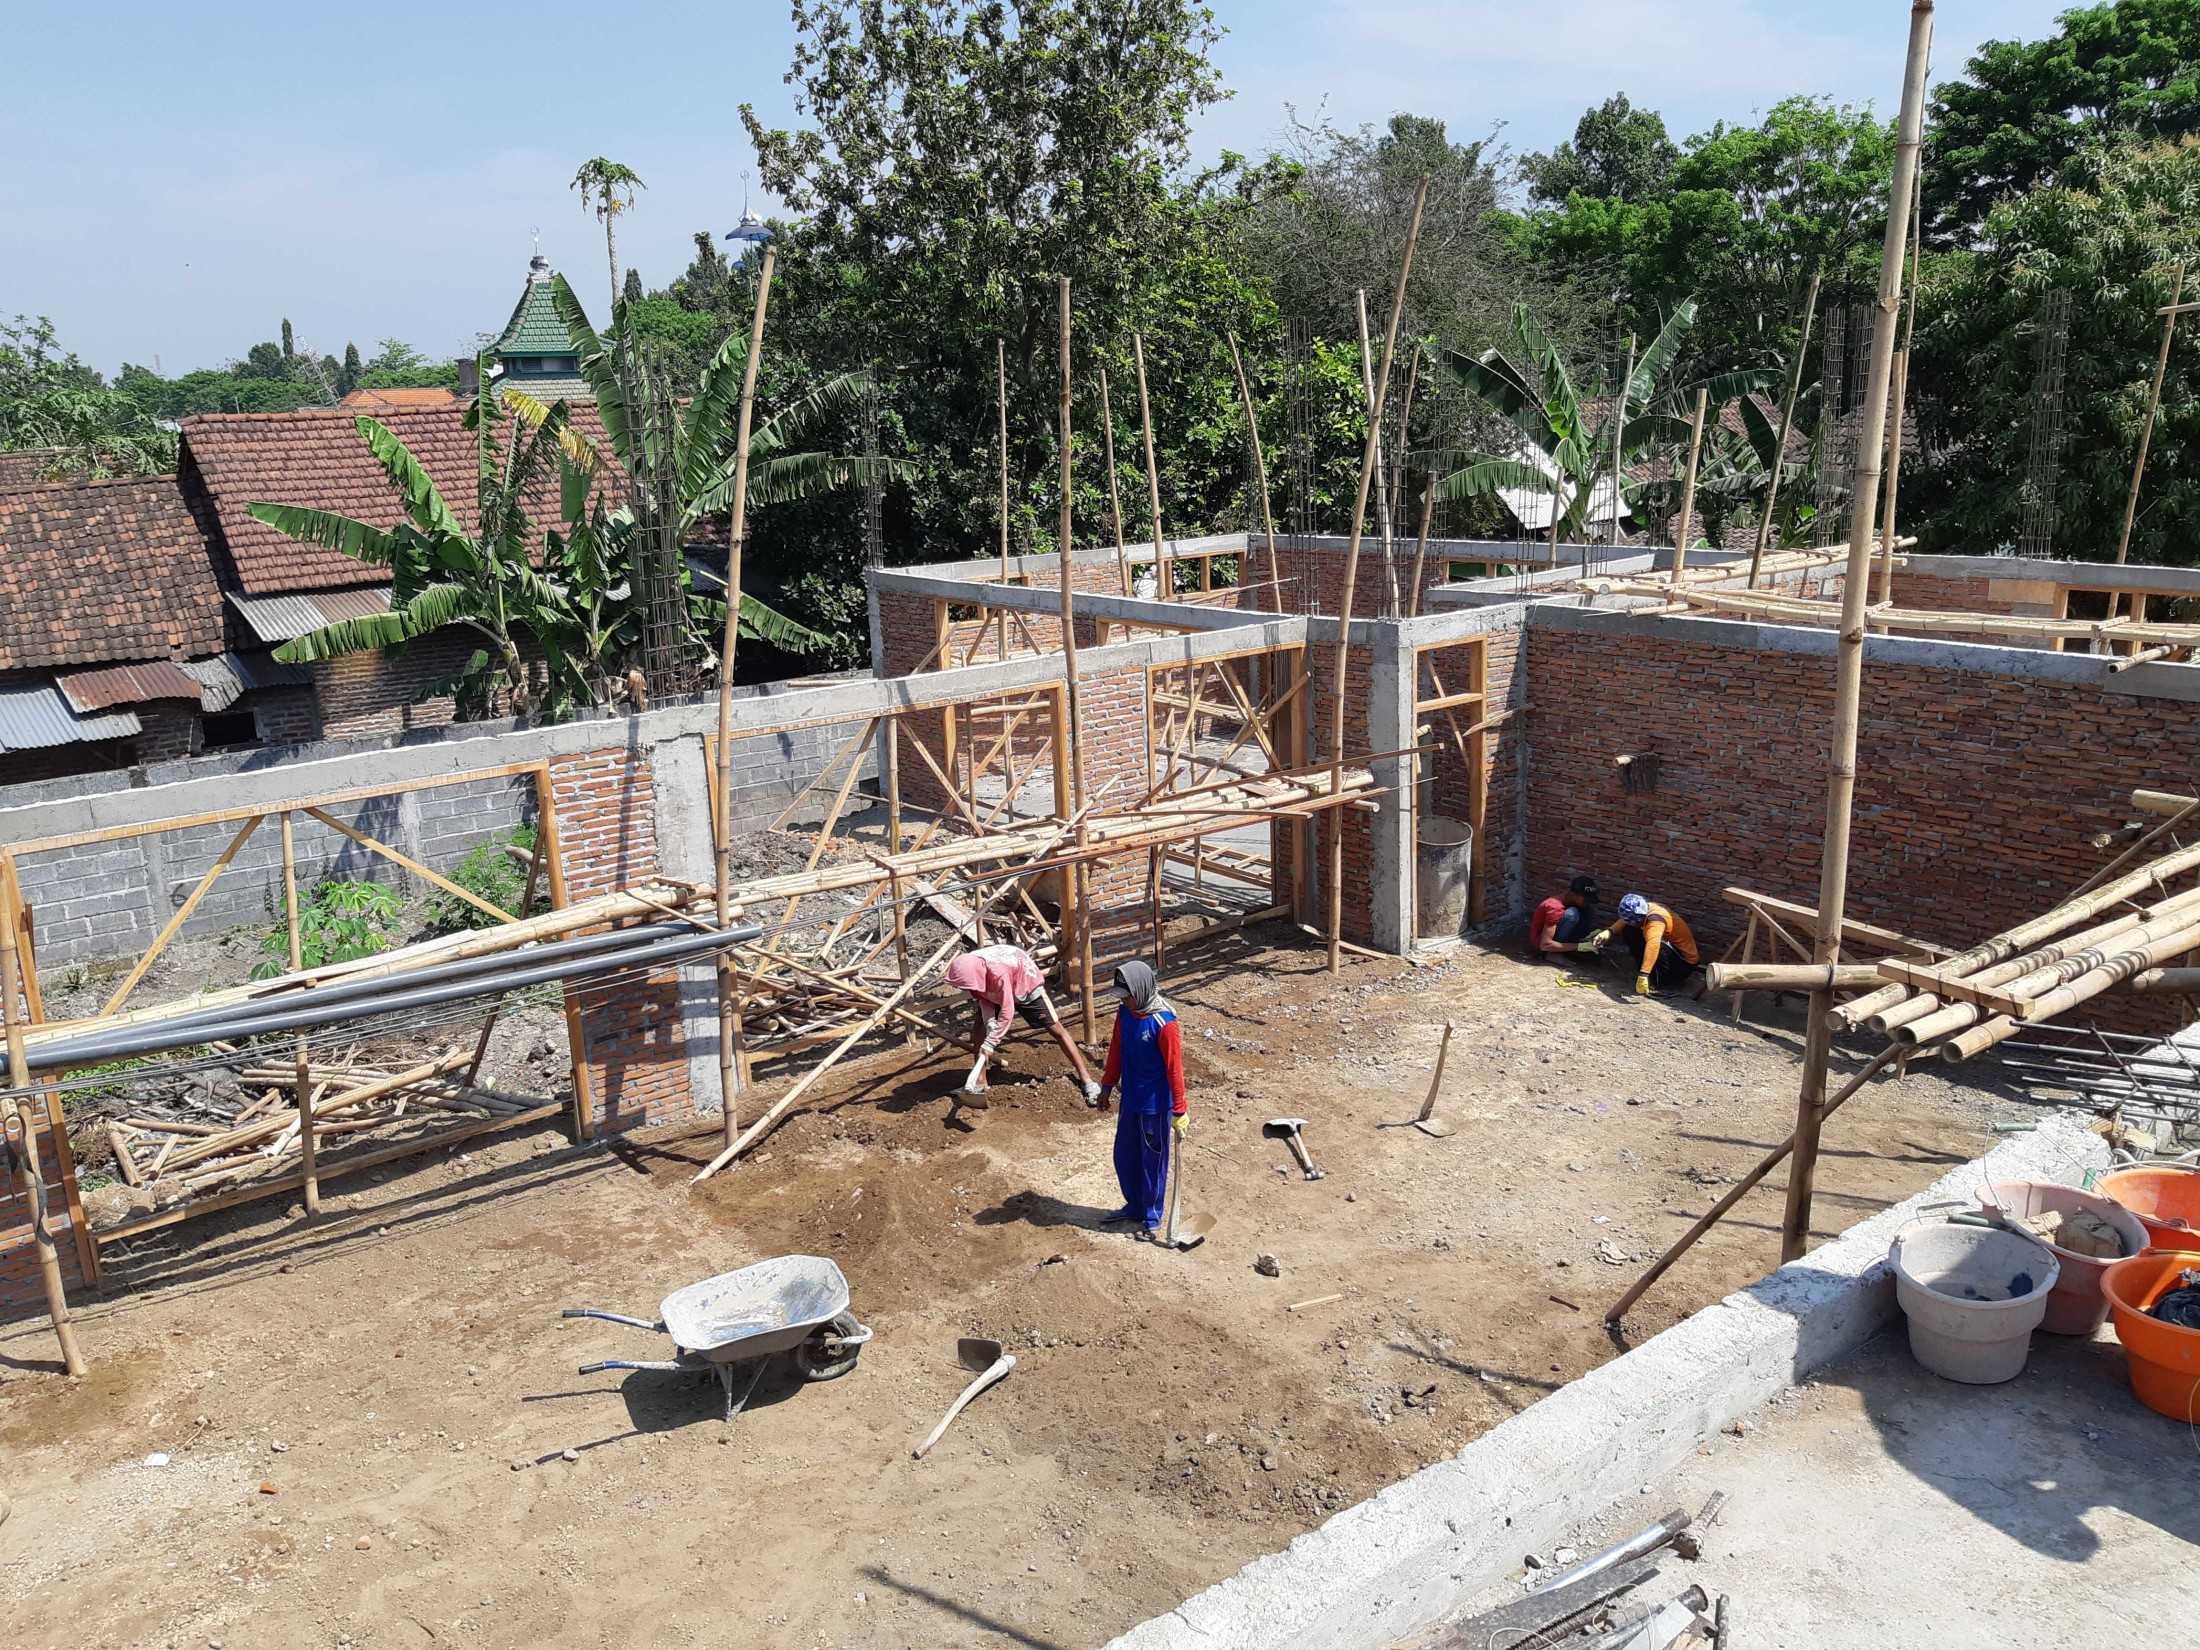 Gradasi Pungky House Mojokerto, Mergelo, Kota Mojokerto, Jawa Timur, Indonesia Mojokerto, Mergelo, Kota Mojokerto, Jawa Timur, Indonesia Gradasi7-Pungky-House  89090